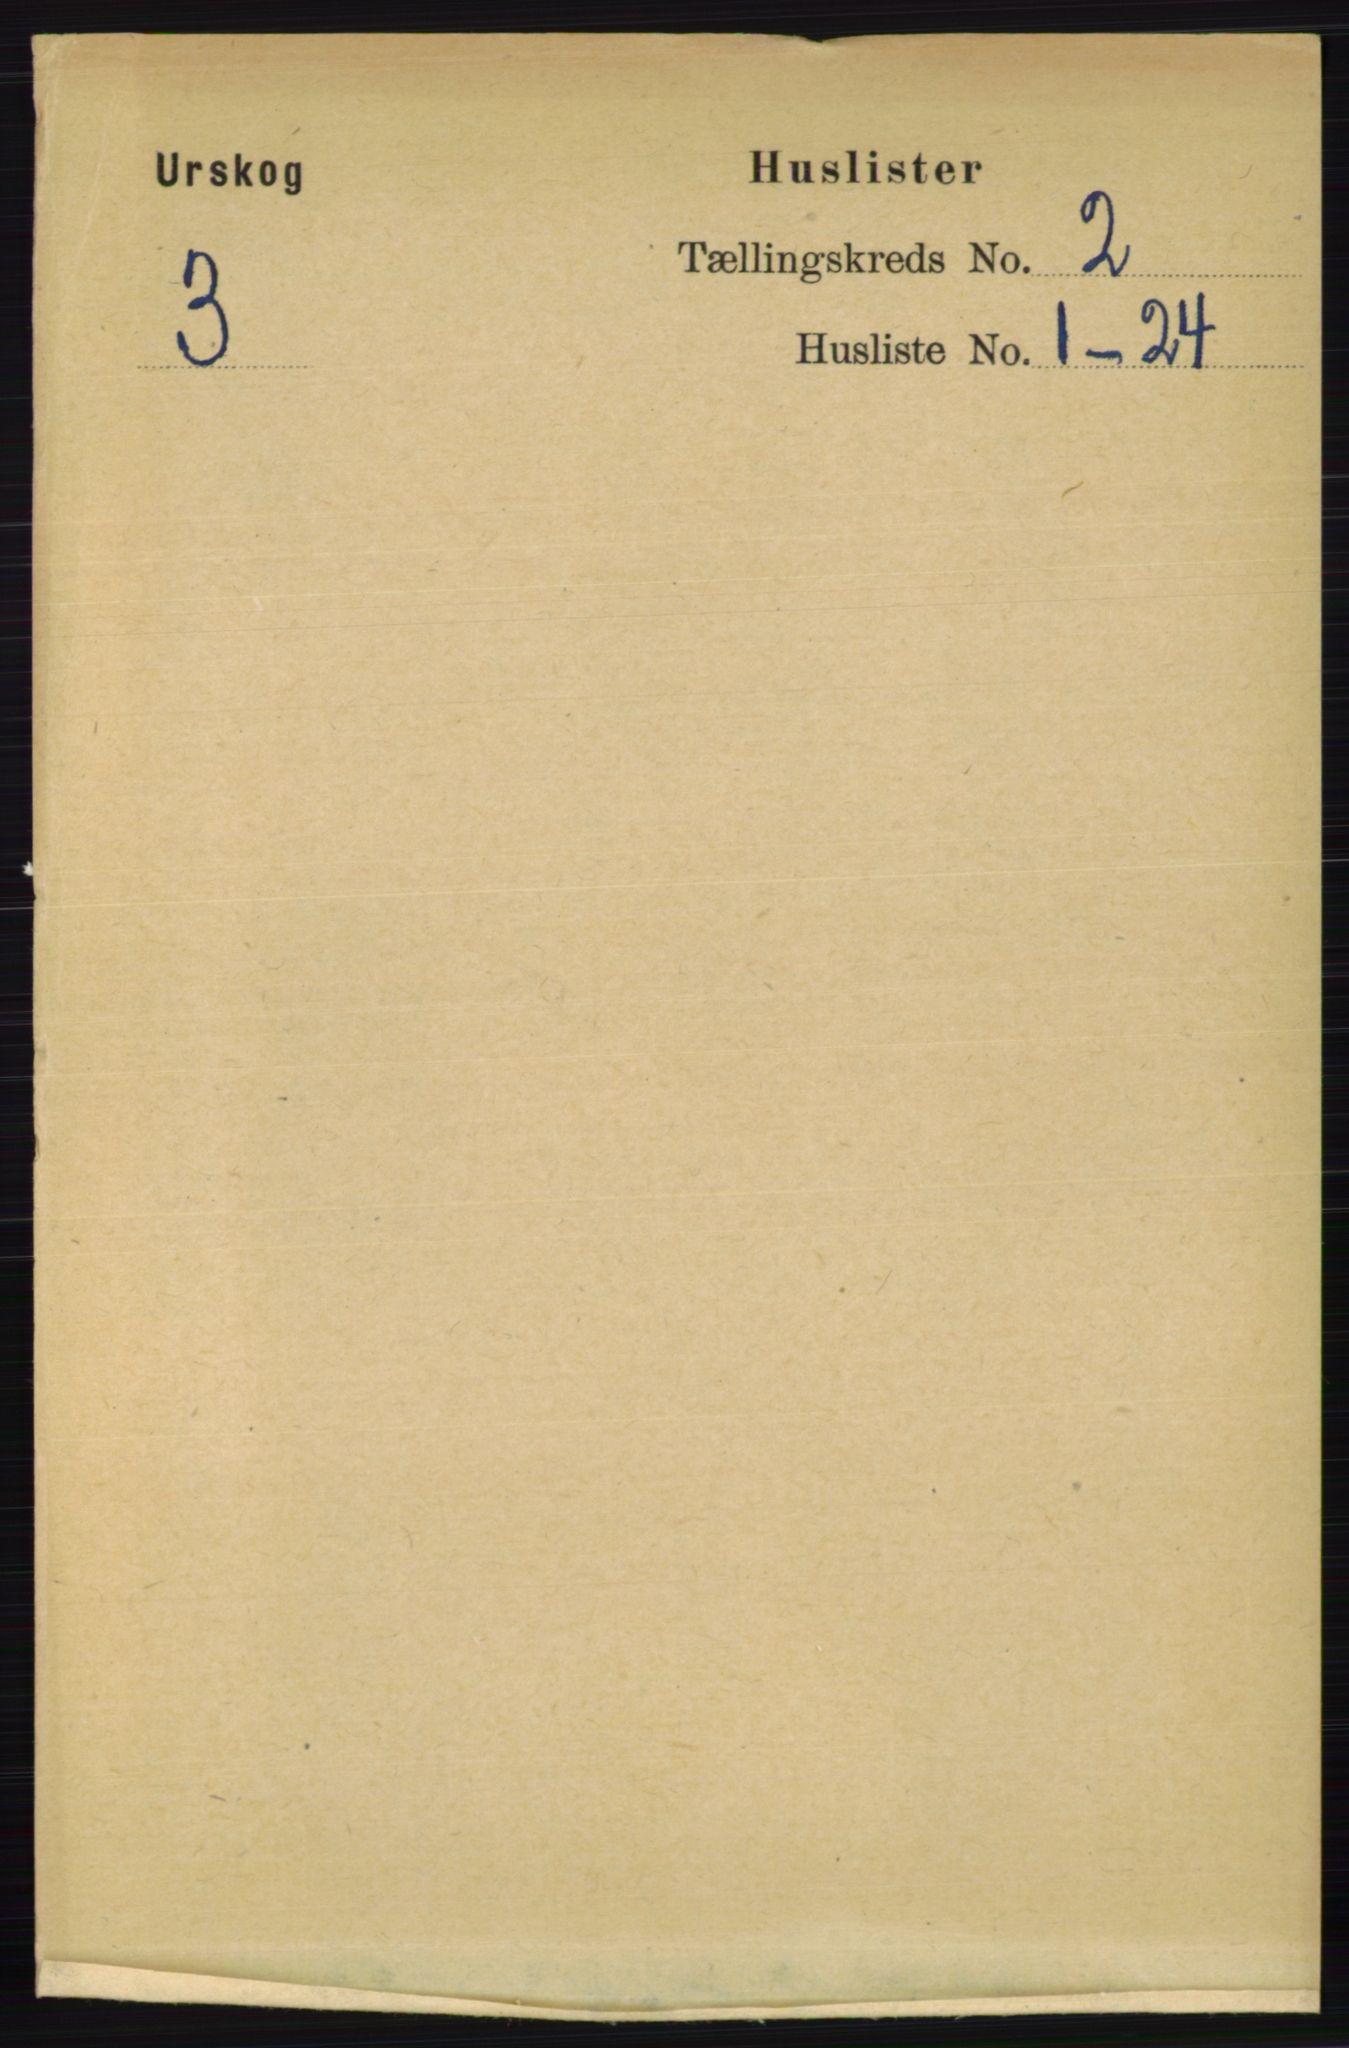 RA, Folketelling 1891 for 0224 Aurskog herred, 1891, s. 162